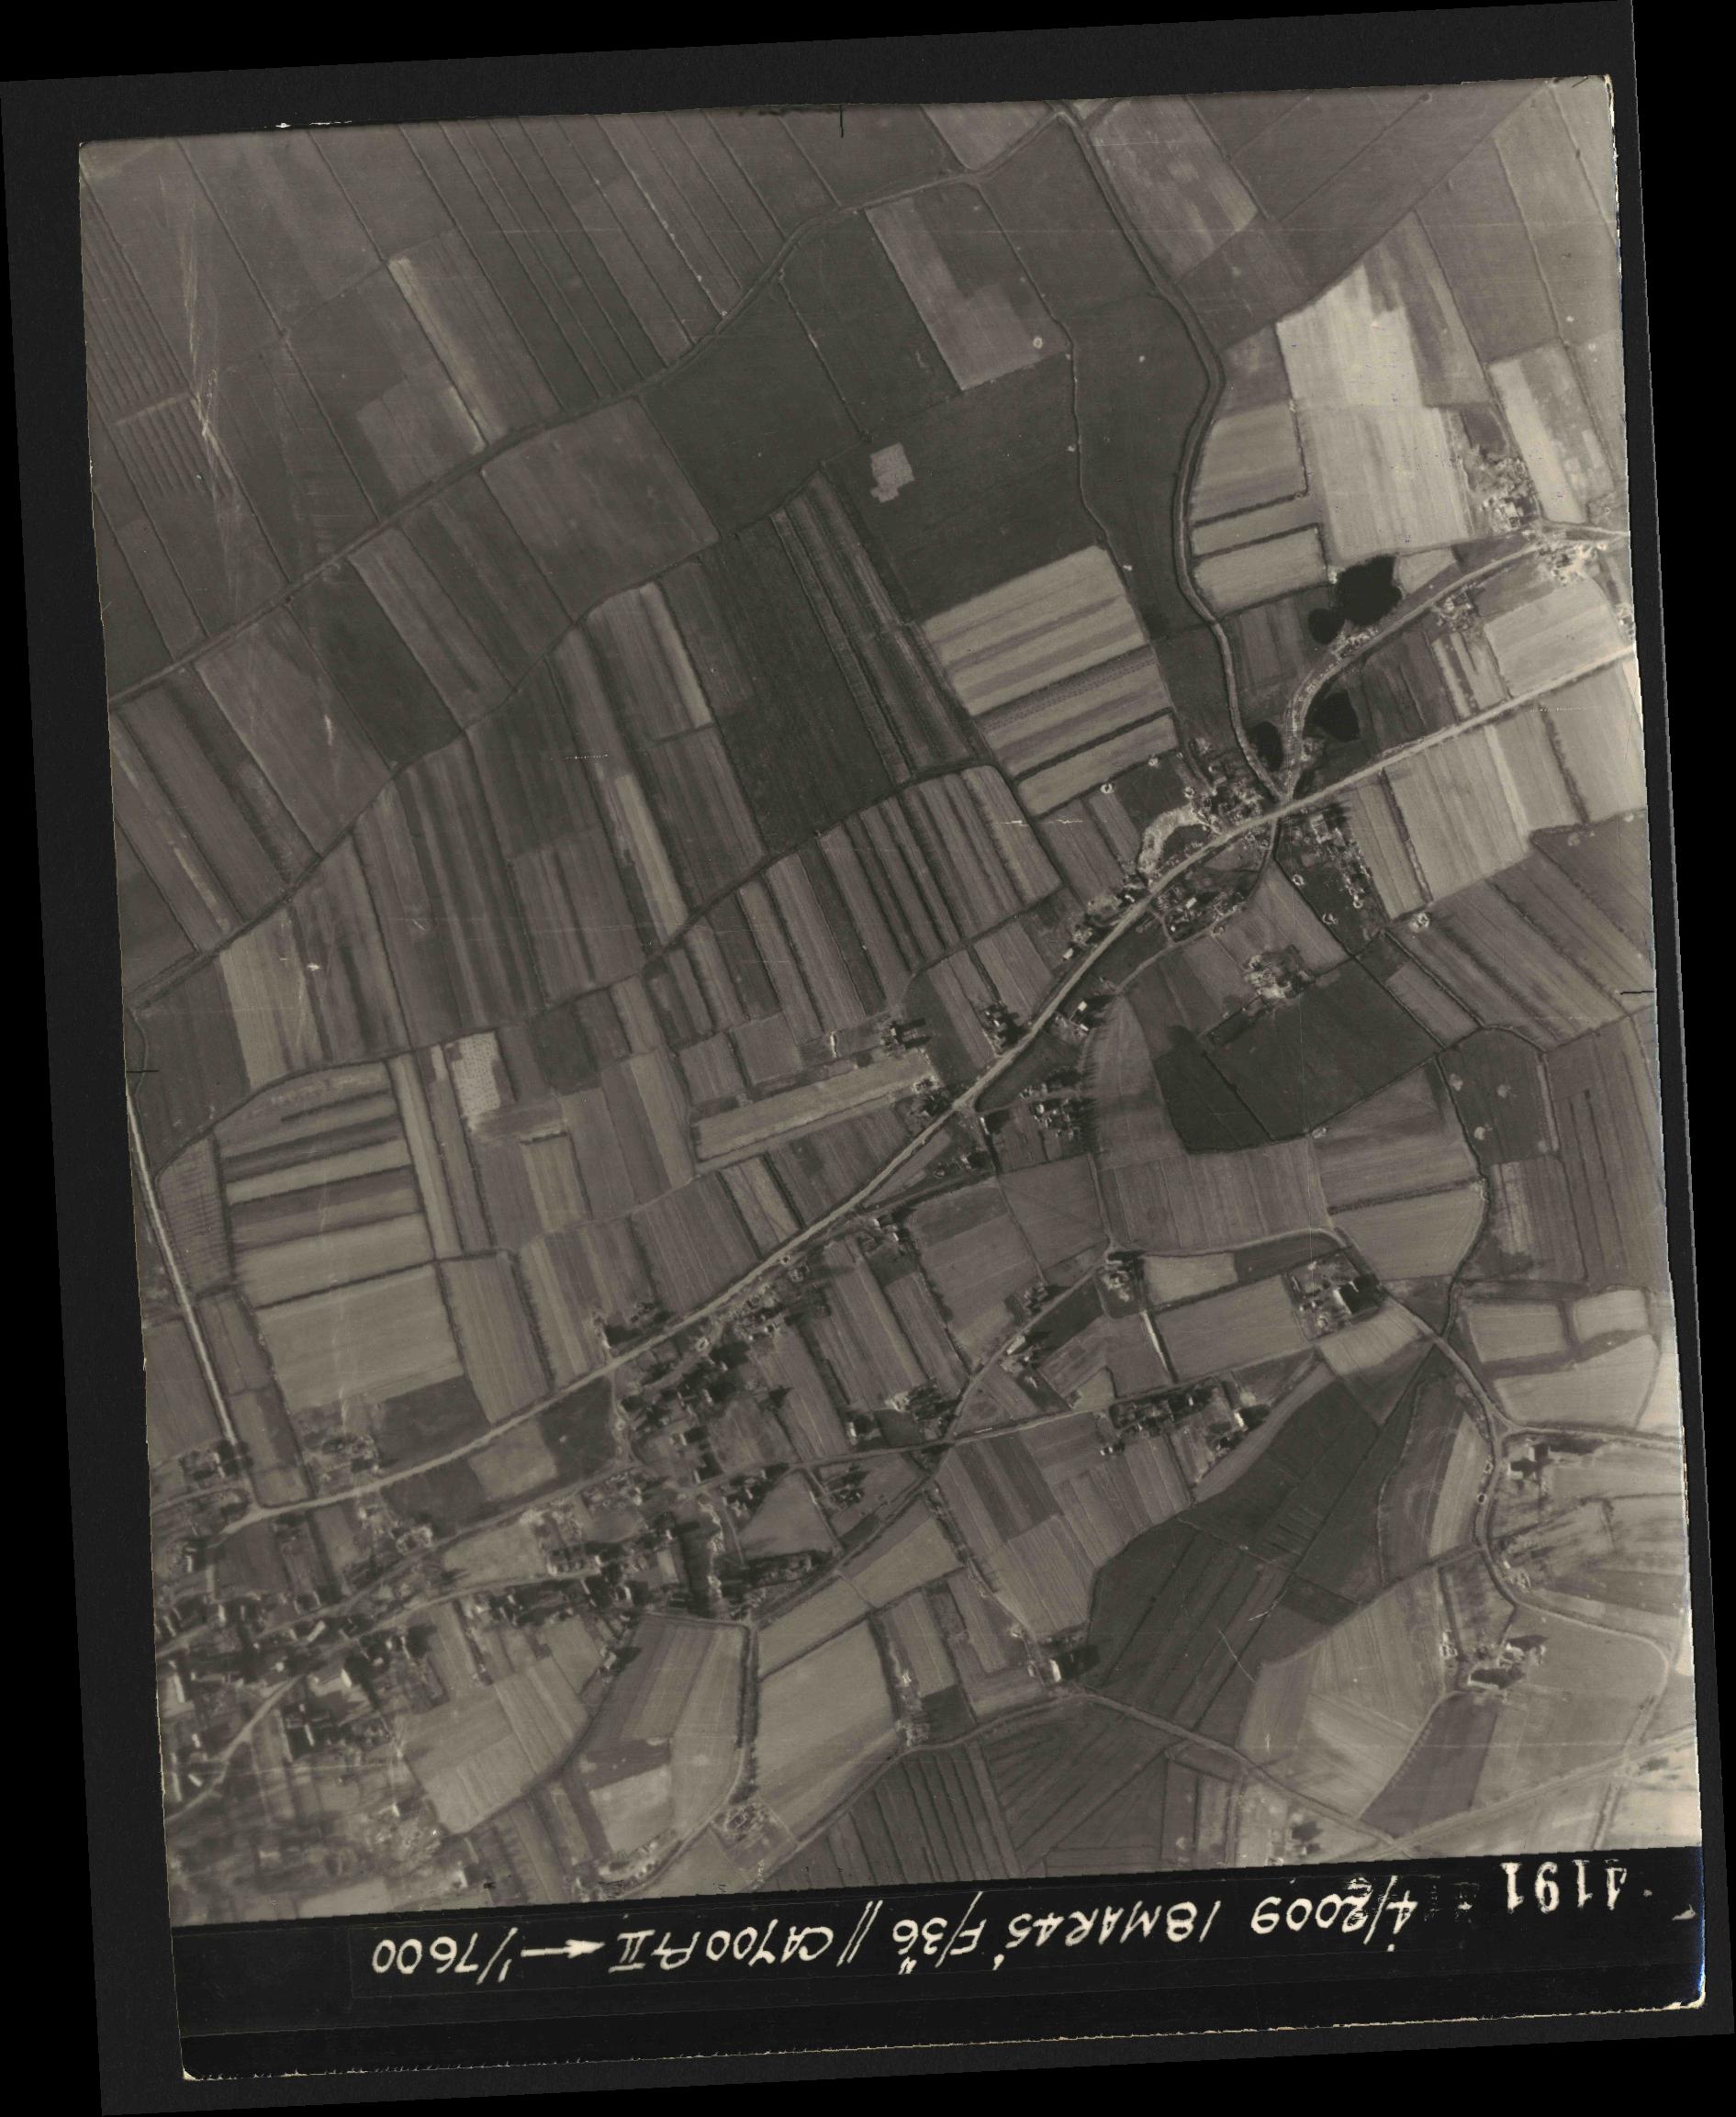 Collection RAF aerial photos 1940-1945 - flight 017, run 10, photo 4191